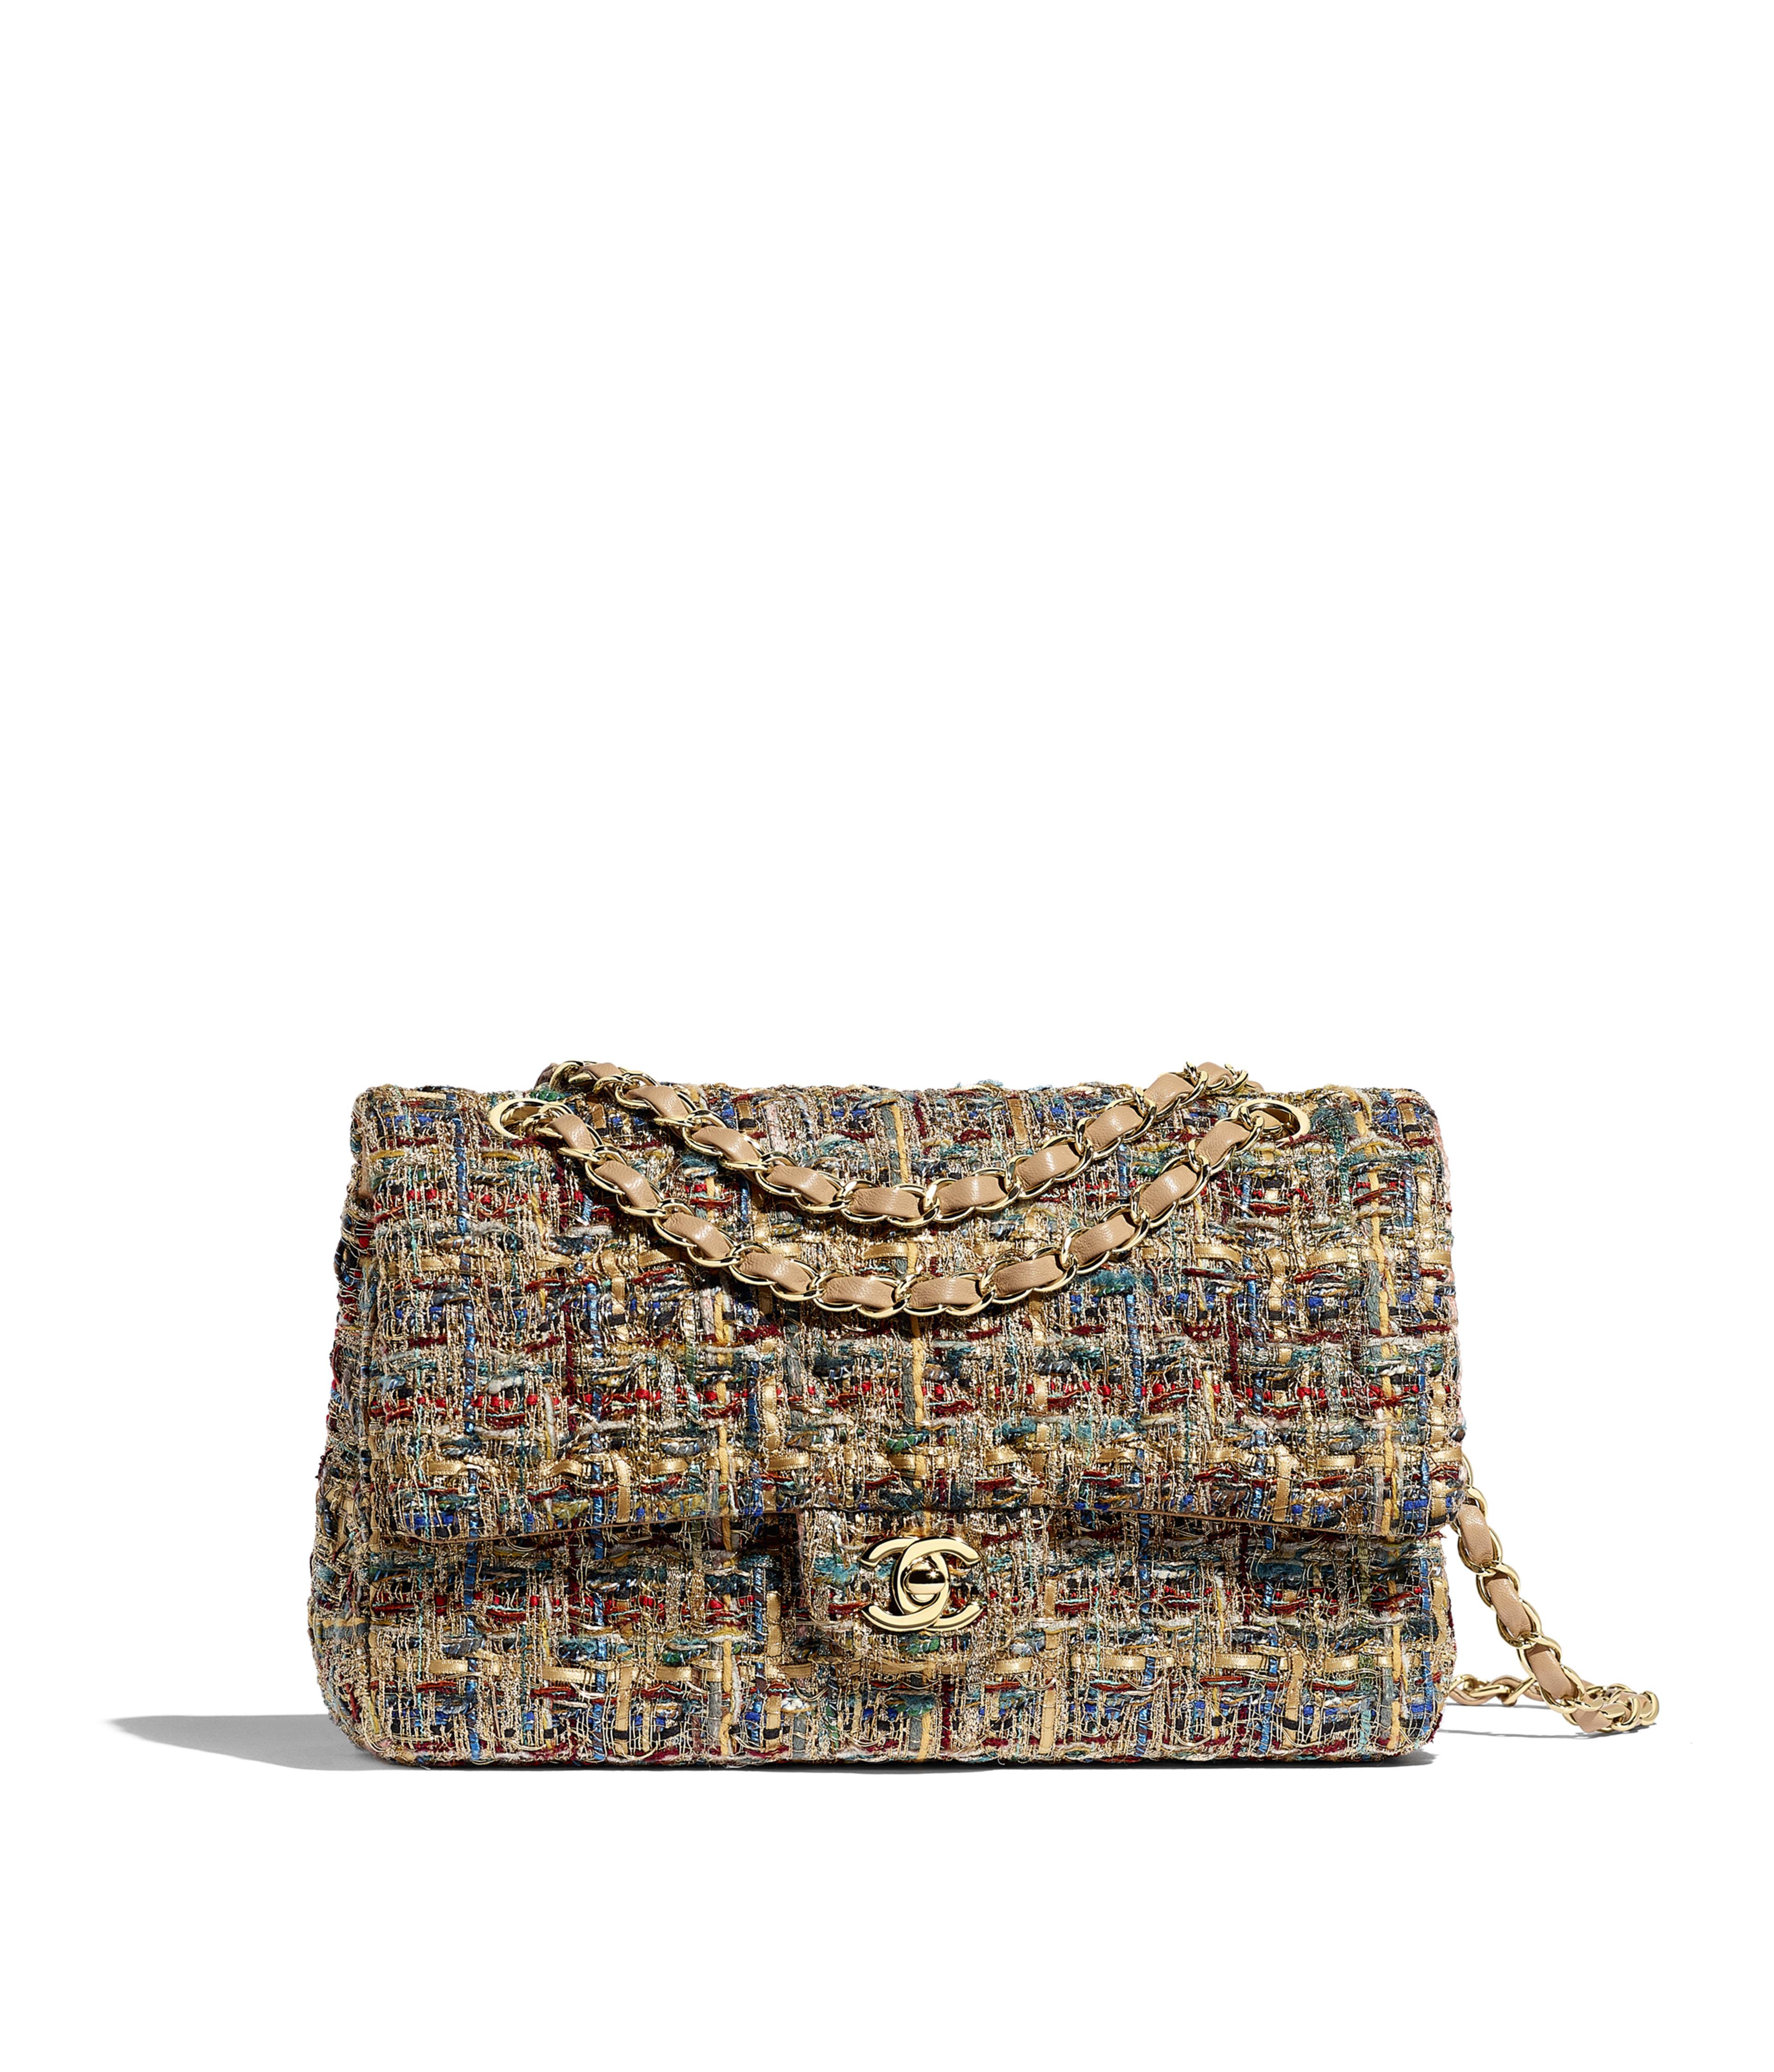 48726efac2809a Classic Handbag Tweed & Gold-Tone Metal, Gold, Blue & Green Ref.  A01112B01026MG529